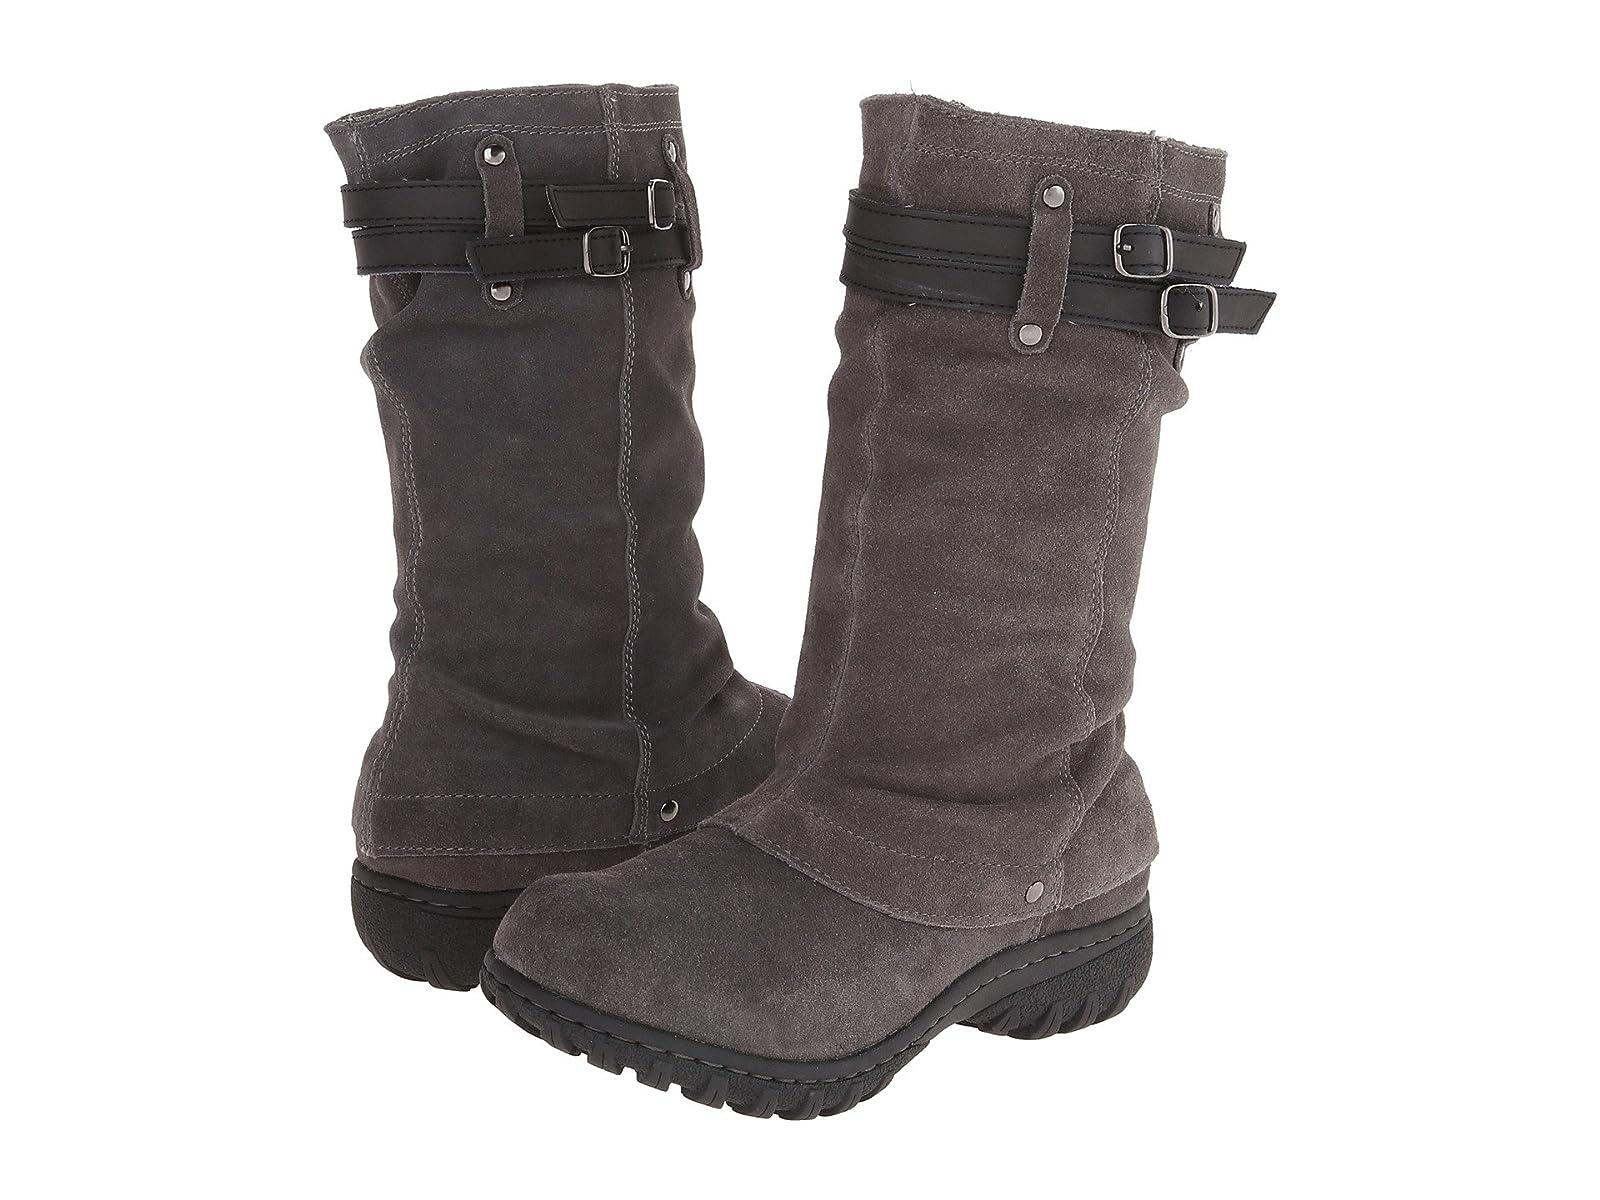 Khombu MalloryCheap and distinctive eye-catching shoes